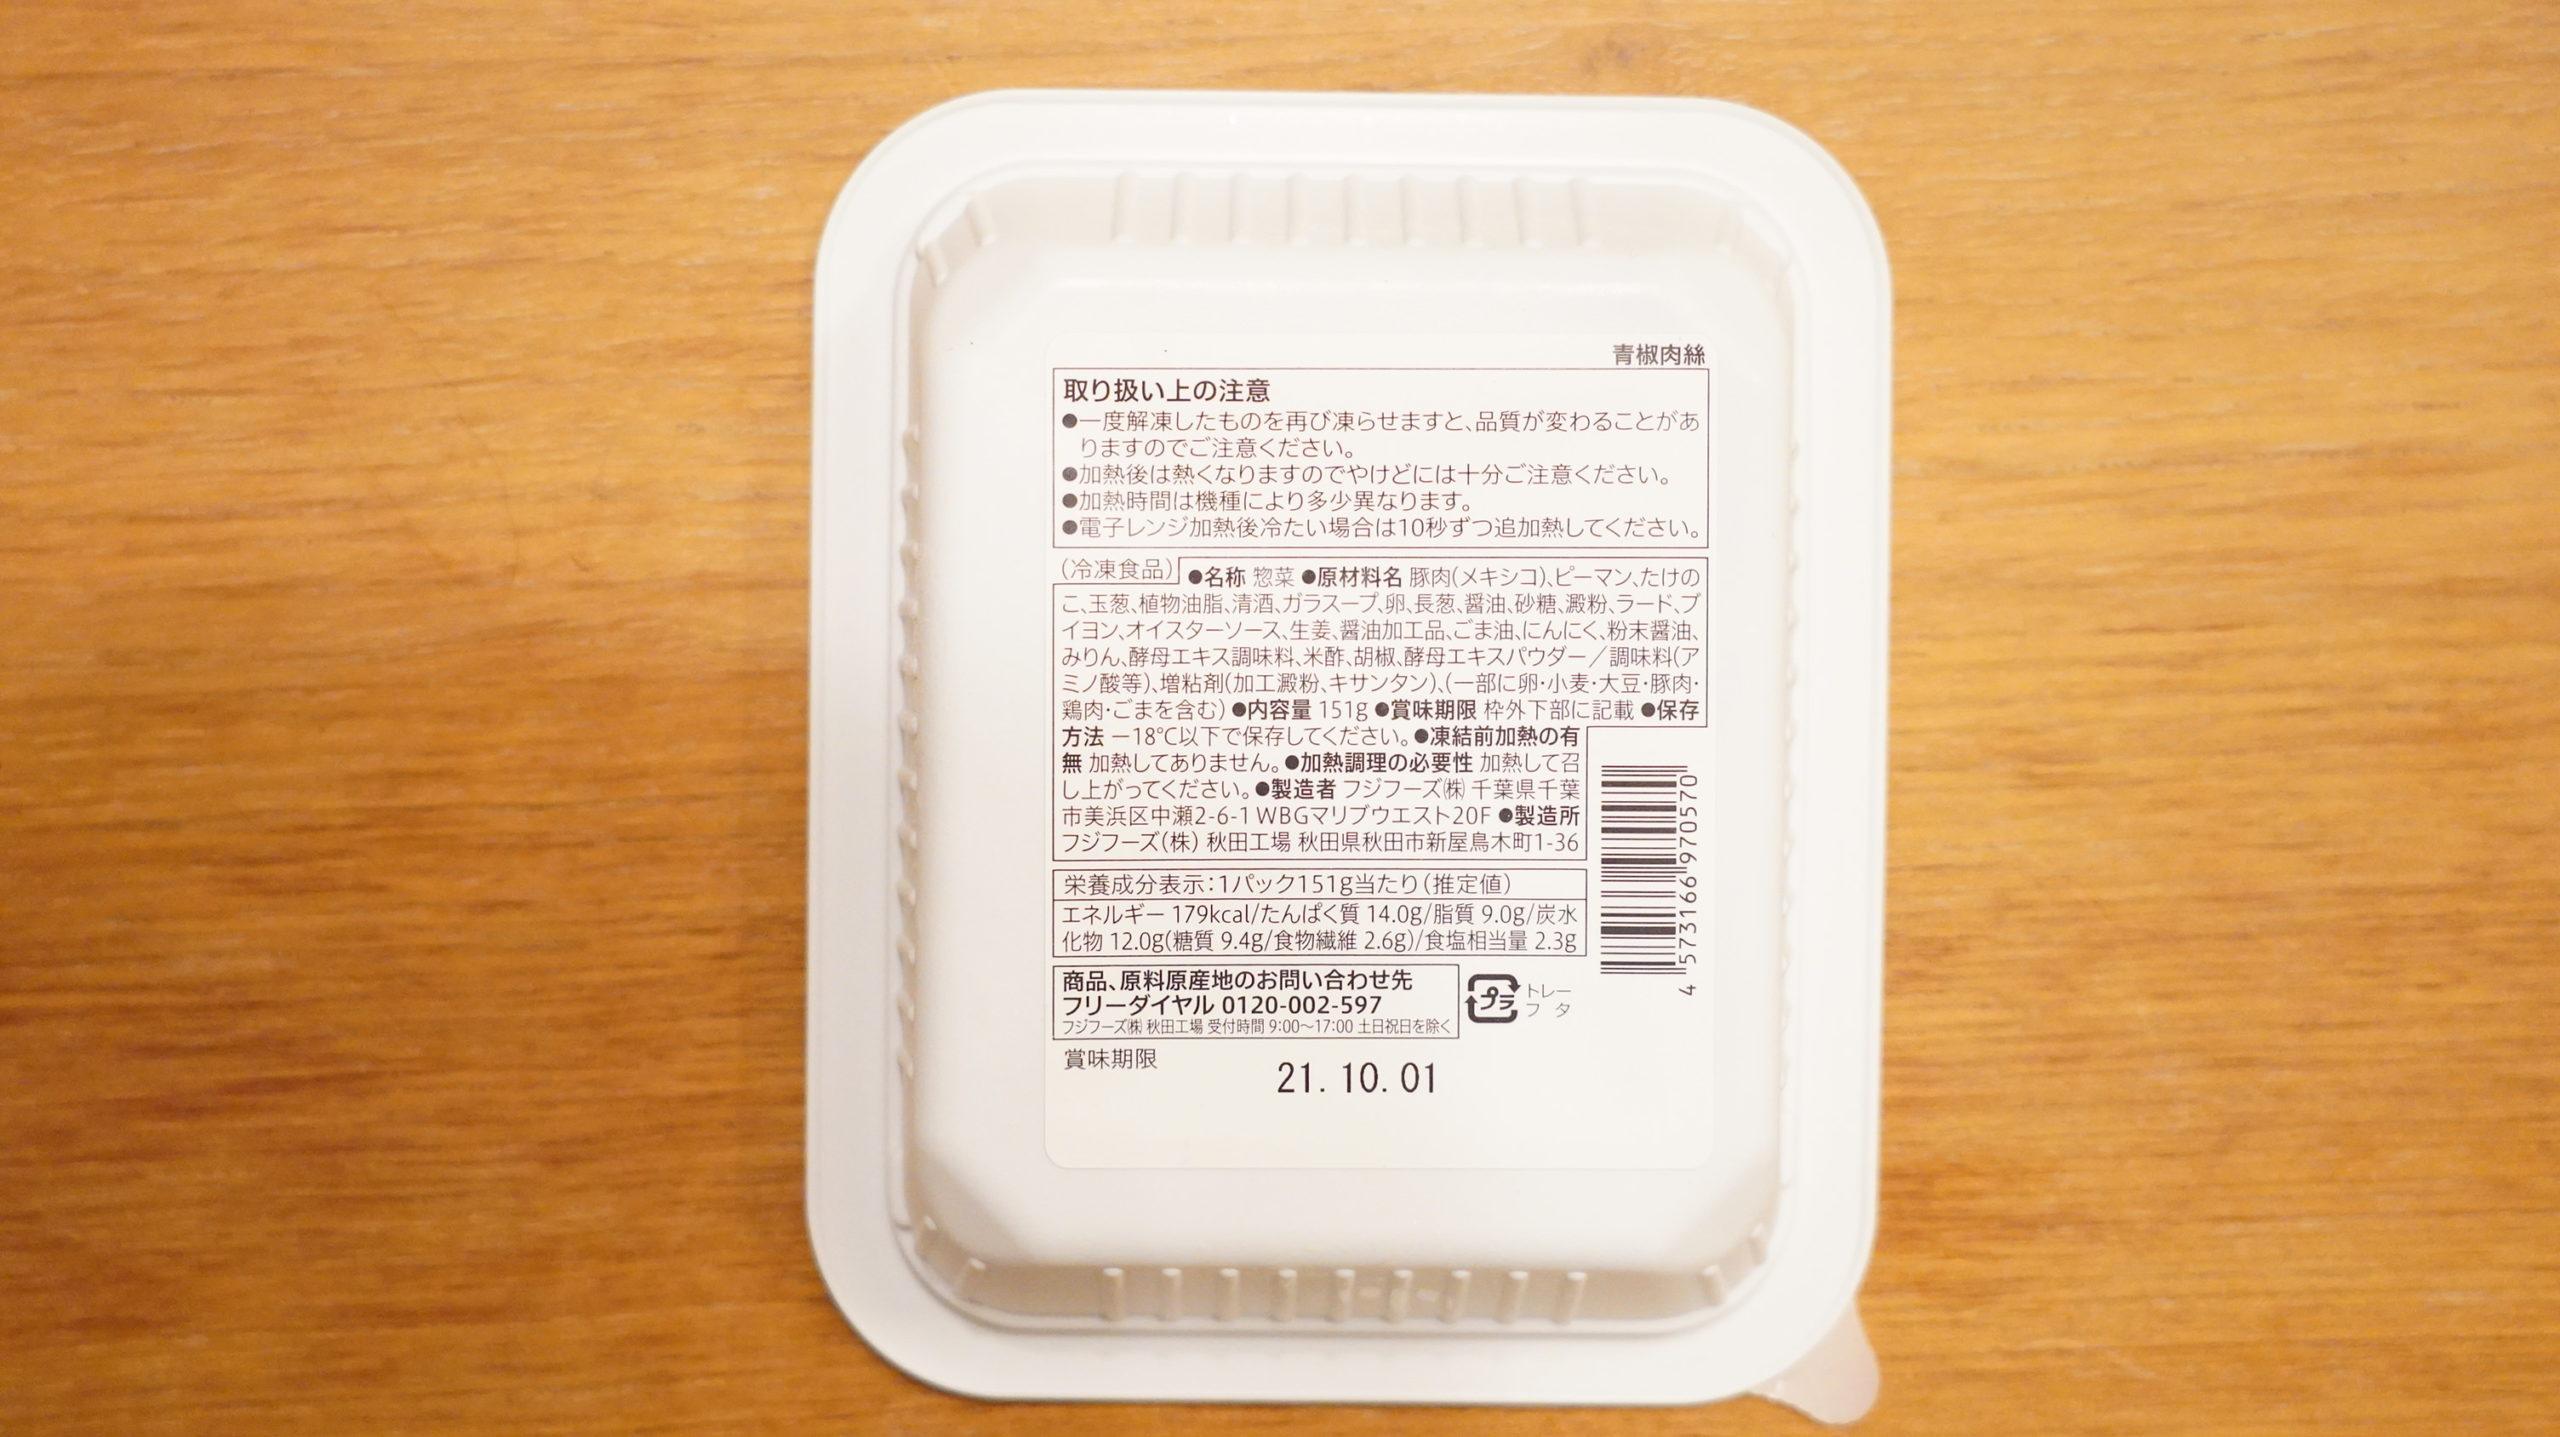 セブンイレブンの冷凍食品「やみつきになる香ばしさ・青椒肉絲(チンジャオロースー」の裏面の写真